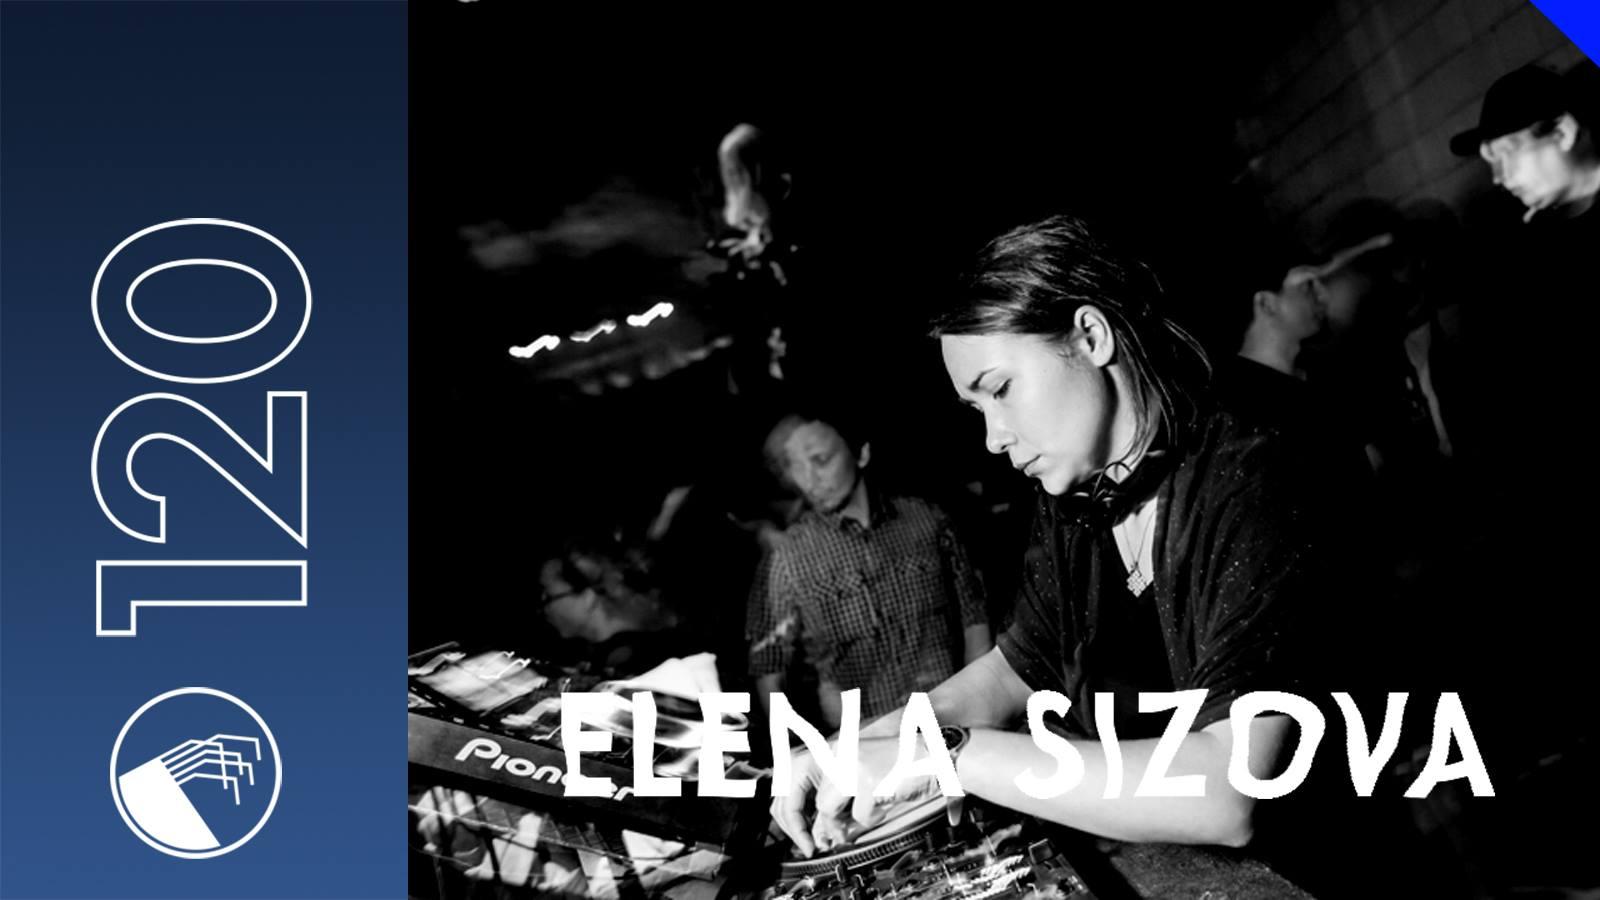 120 Elena Sizova